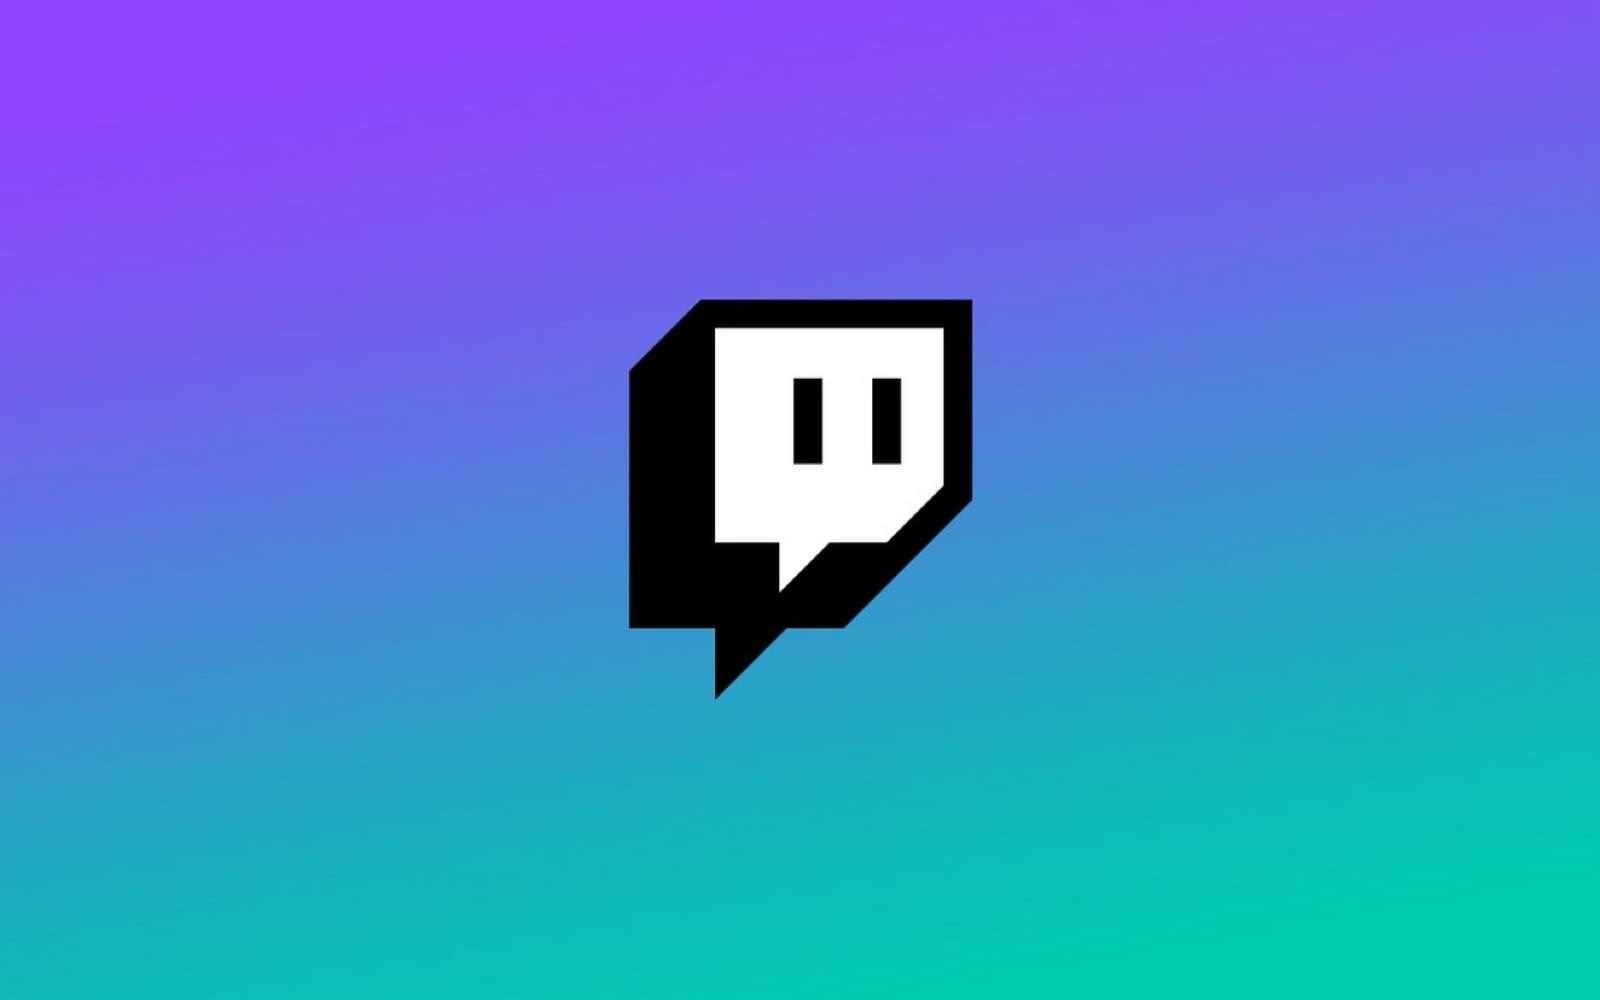 La brèche par laquelle s'est infiltrée le pirate pour collecter d'importantes données, dont les projets et le code source du service, est une catastrophe pour Twitch. © Twitch